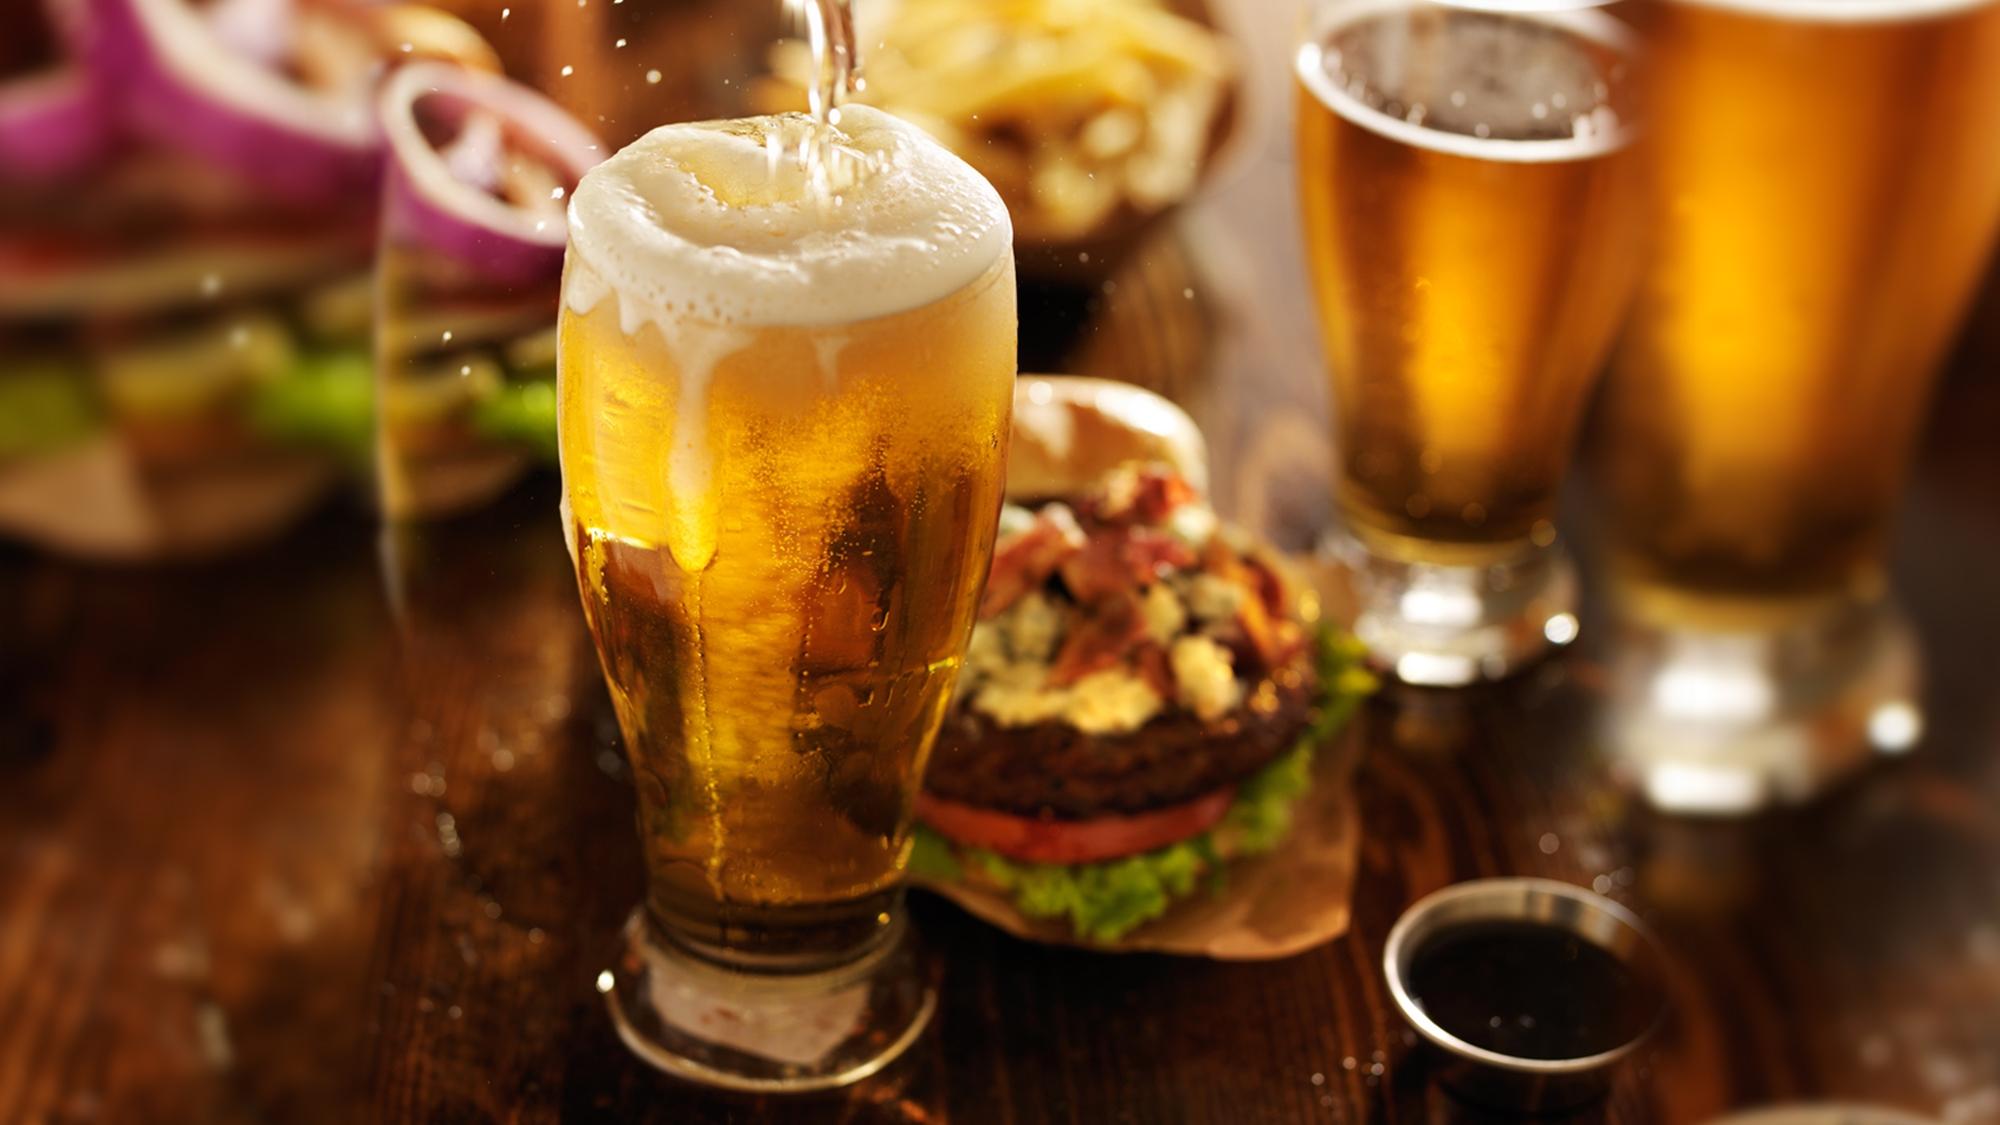 Delhi to Down Budweiser Again as Tribunal Stays Ban on AB InBev